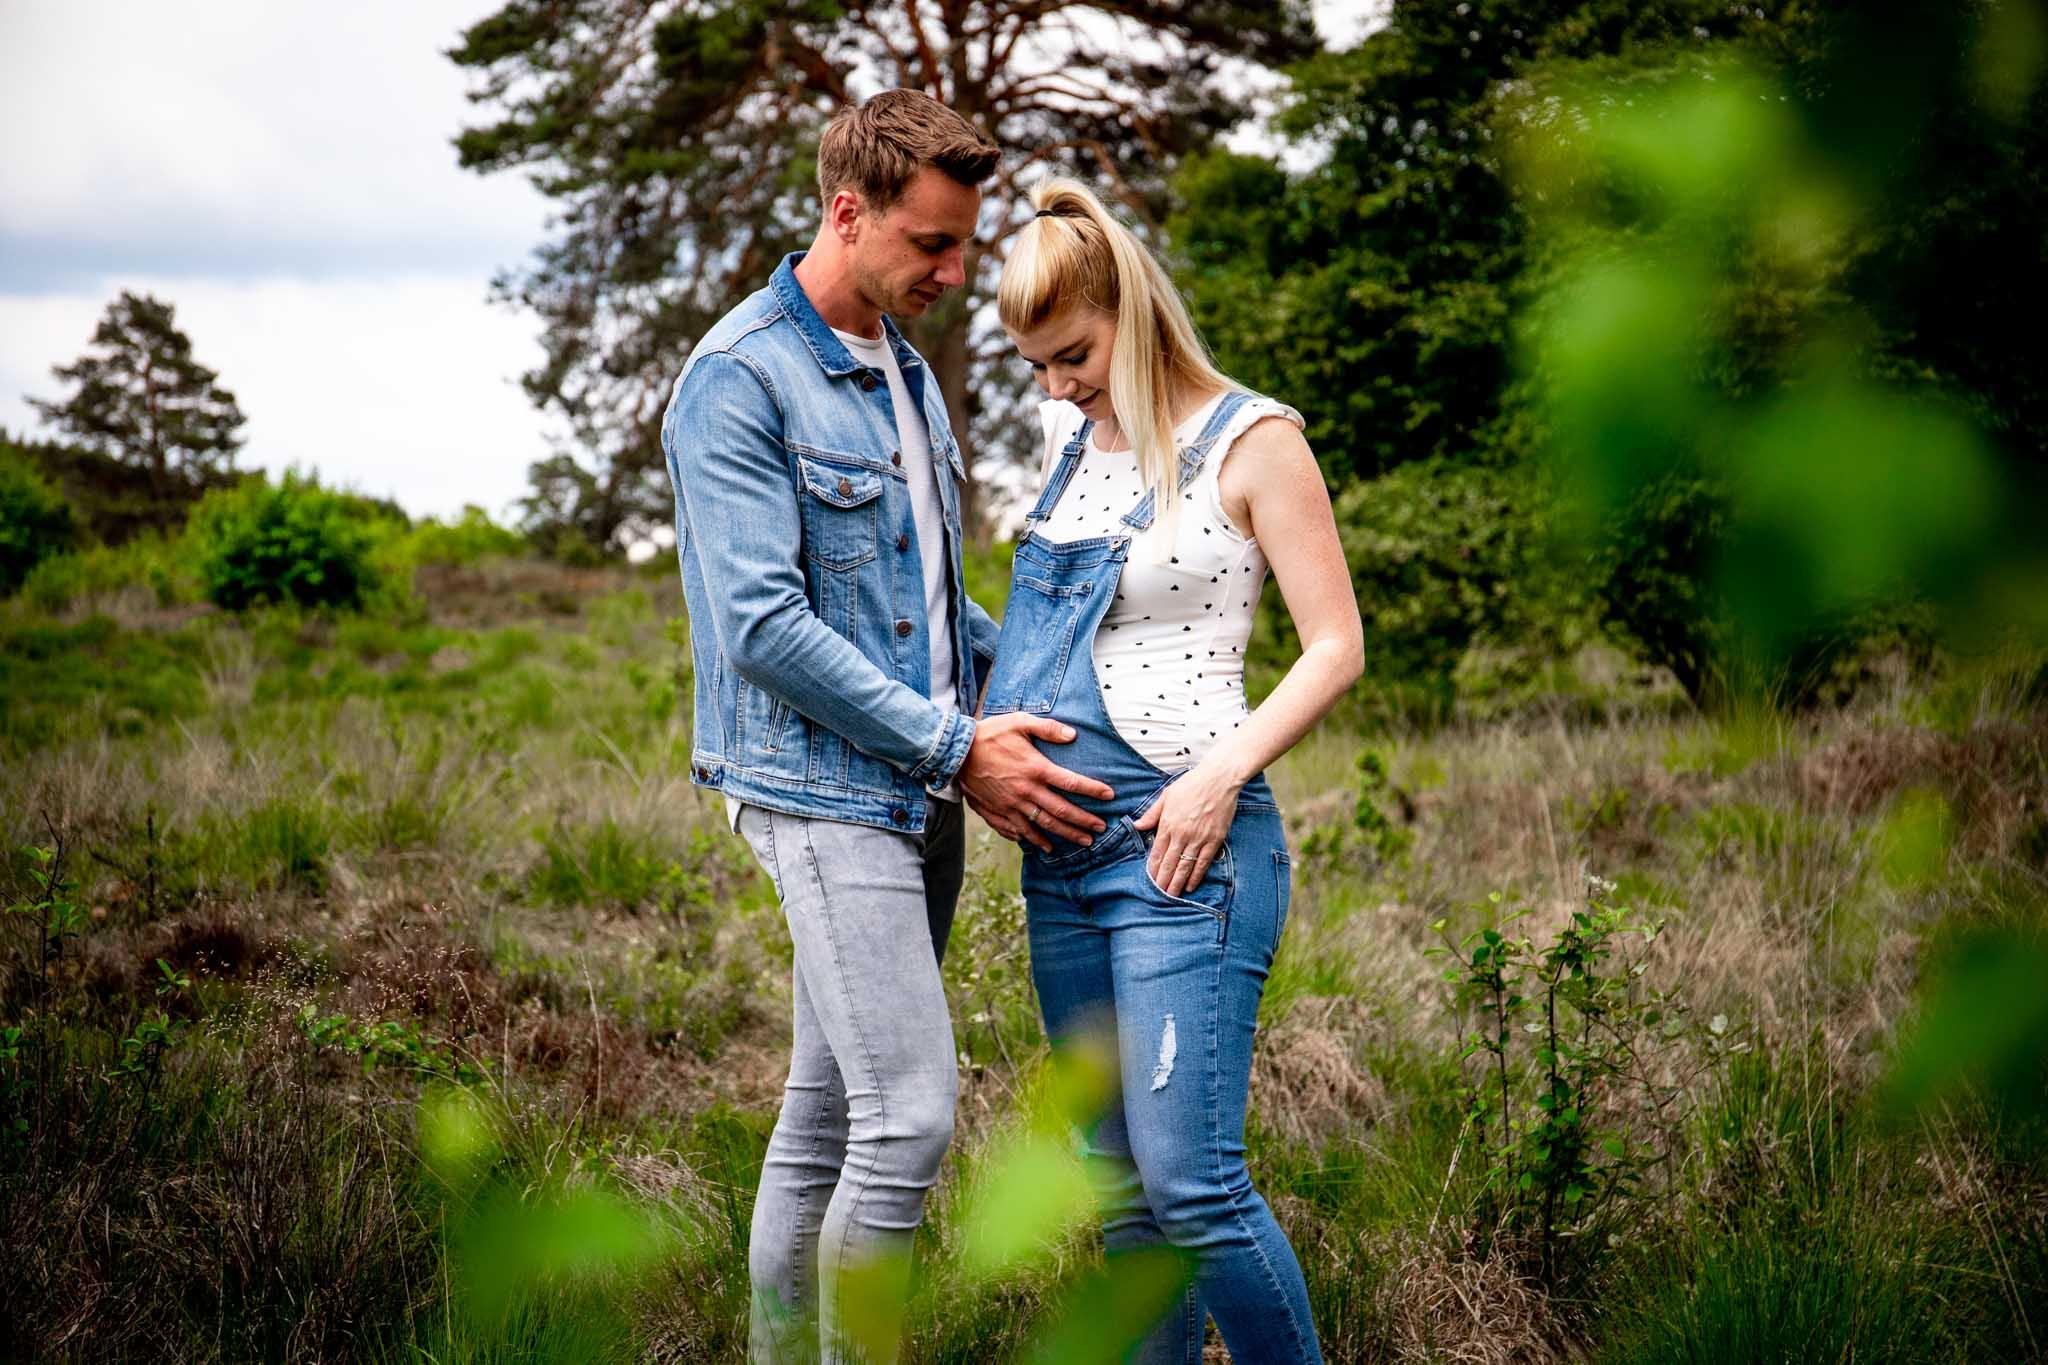 zwangerschapsshoot, zwangerschap, zwangerschapsfotografie, zwangerschapsfoto's, gelderland